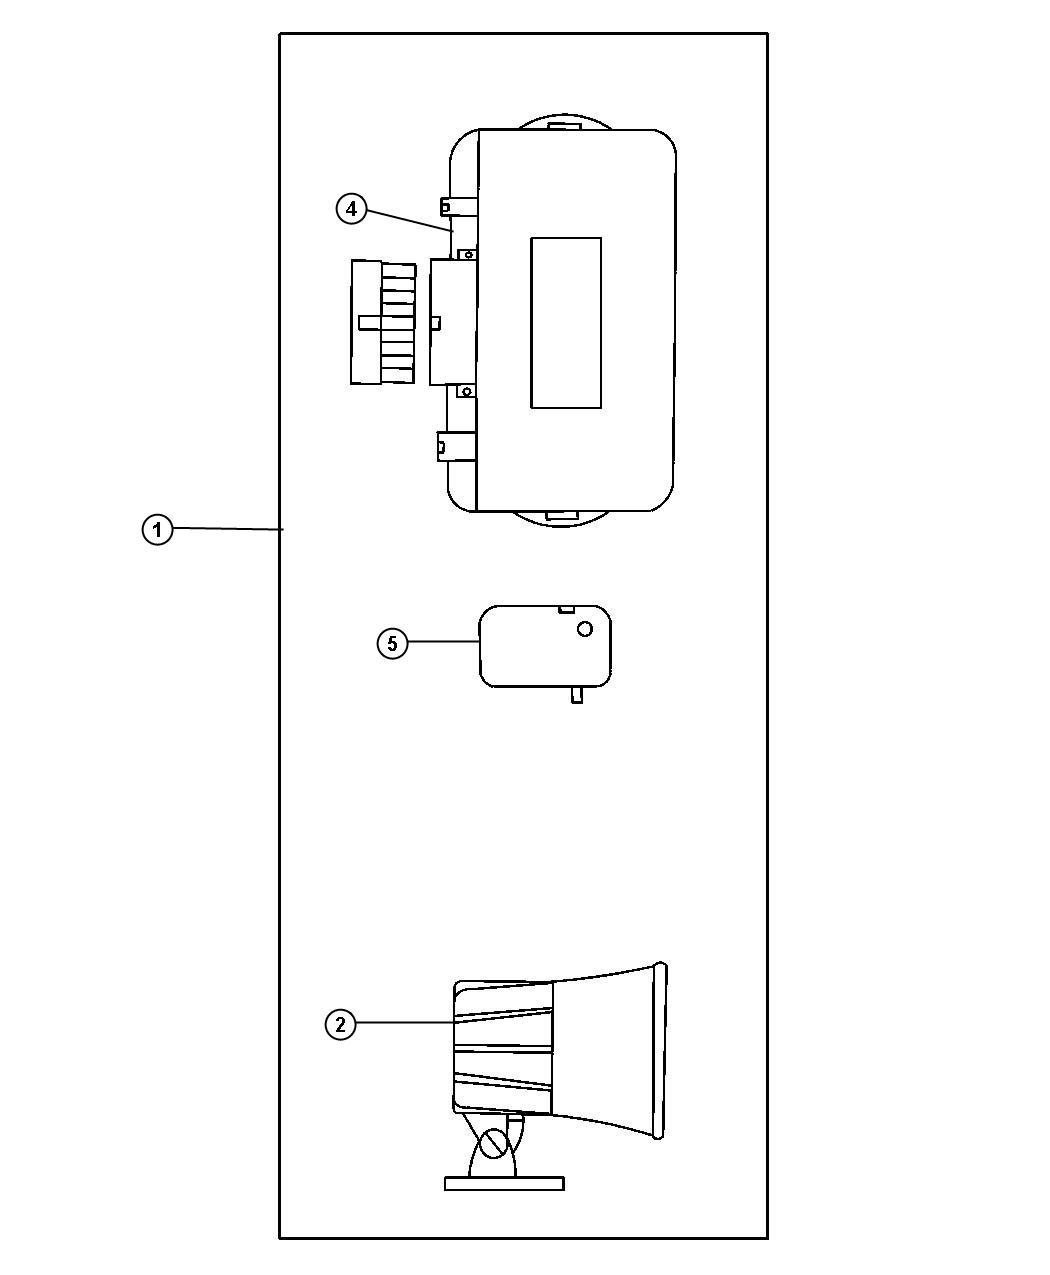 1998 dodge intrepid wiring diagram database. Black Bedroom Furniture Sets. Home Design Ideas